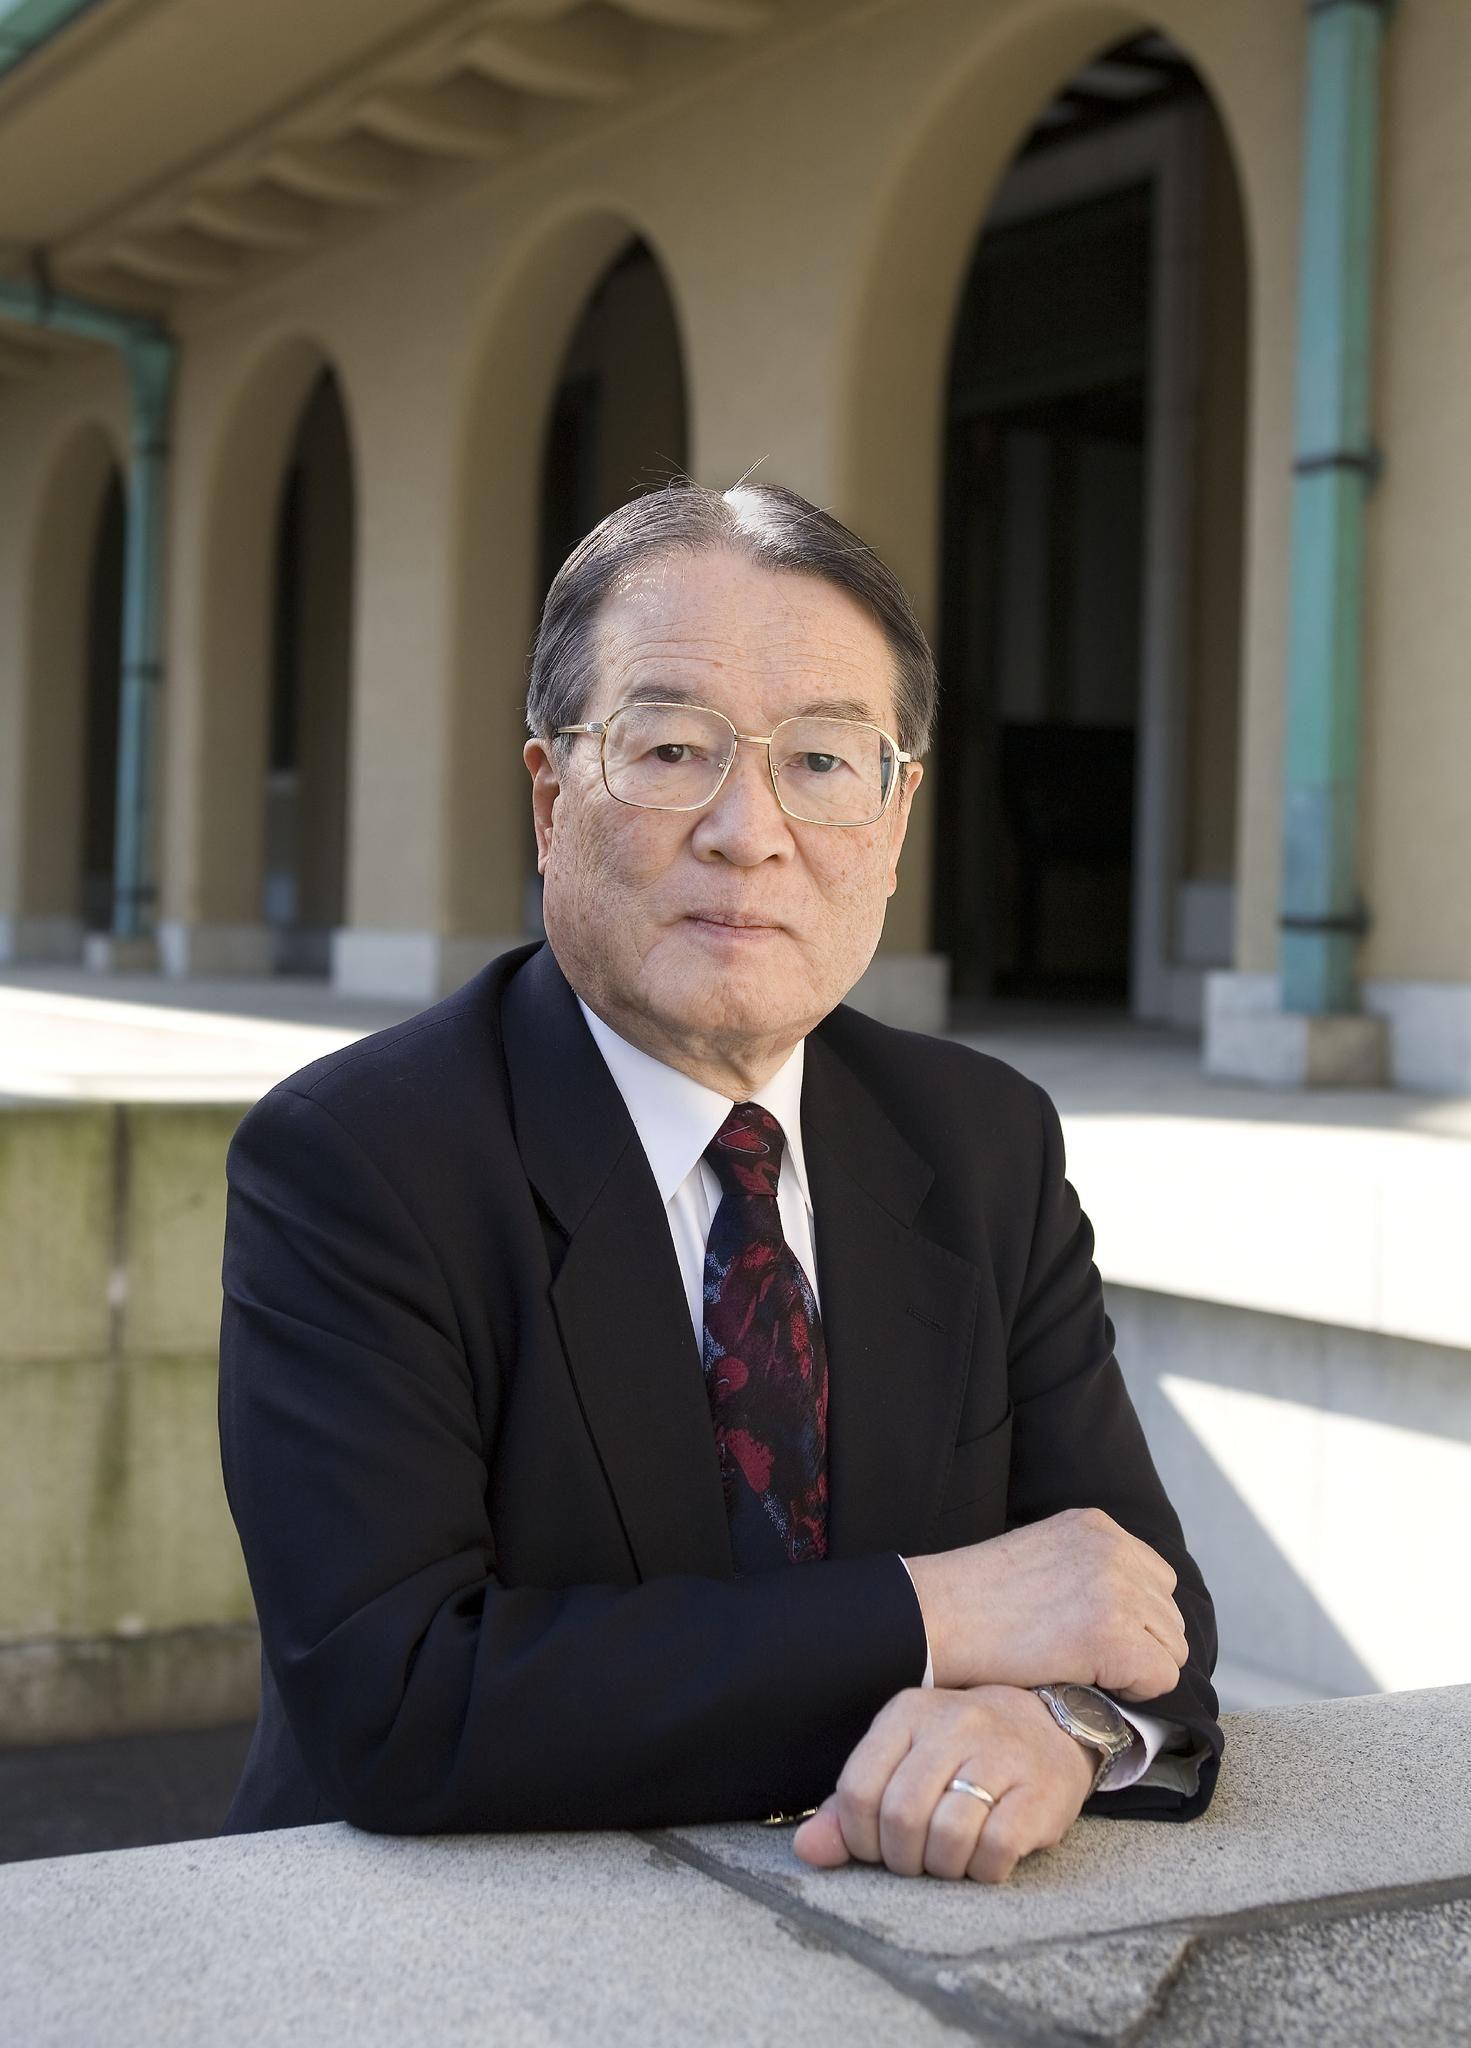 森本 敏 (Mr Satoshi Morimoto)